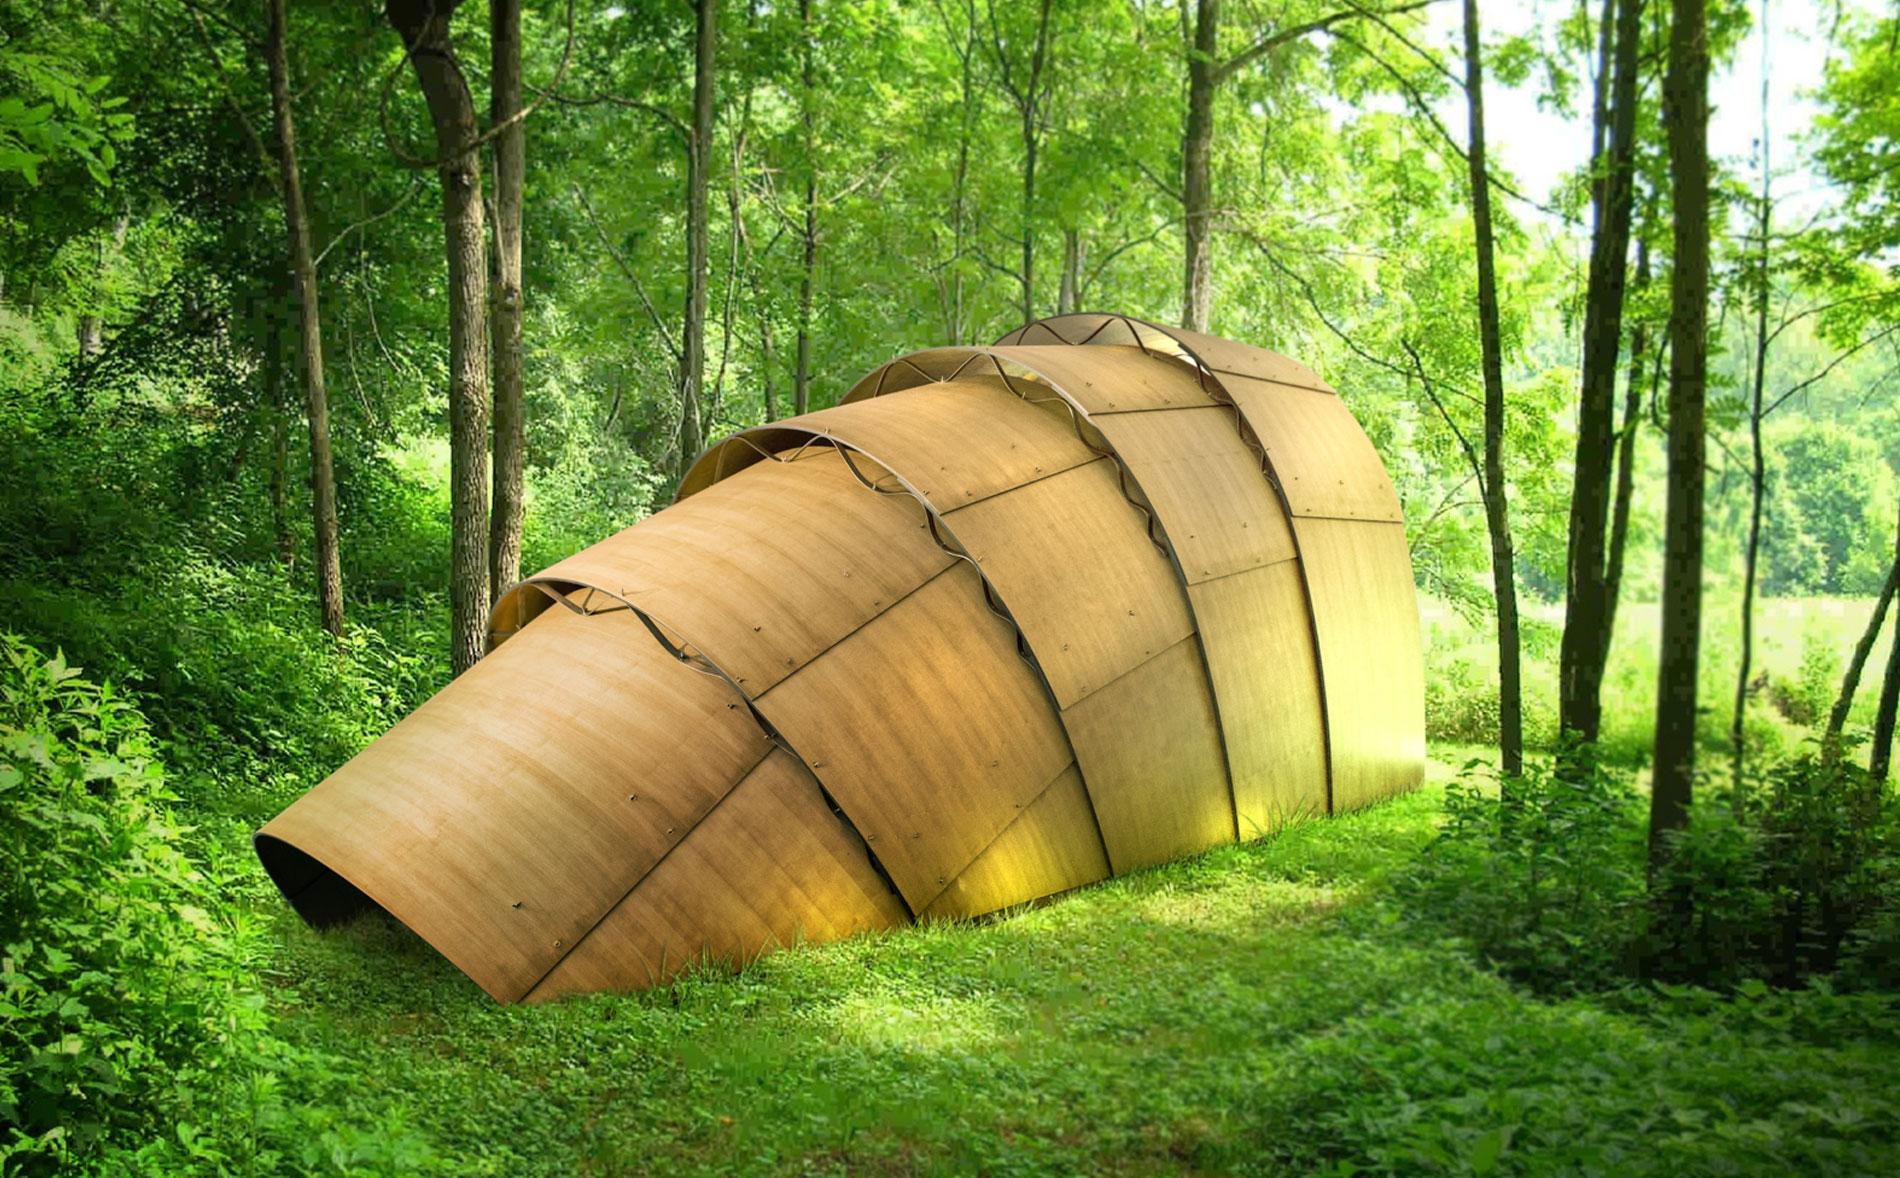 Armadillo Tea Canopy - Ron Arad